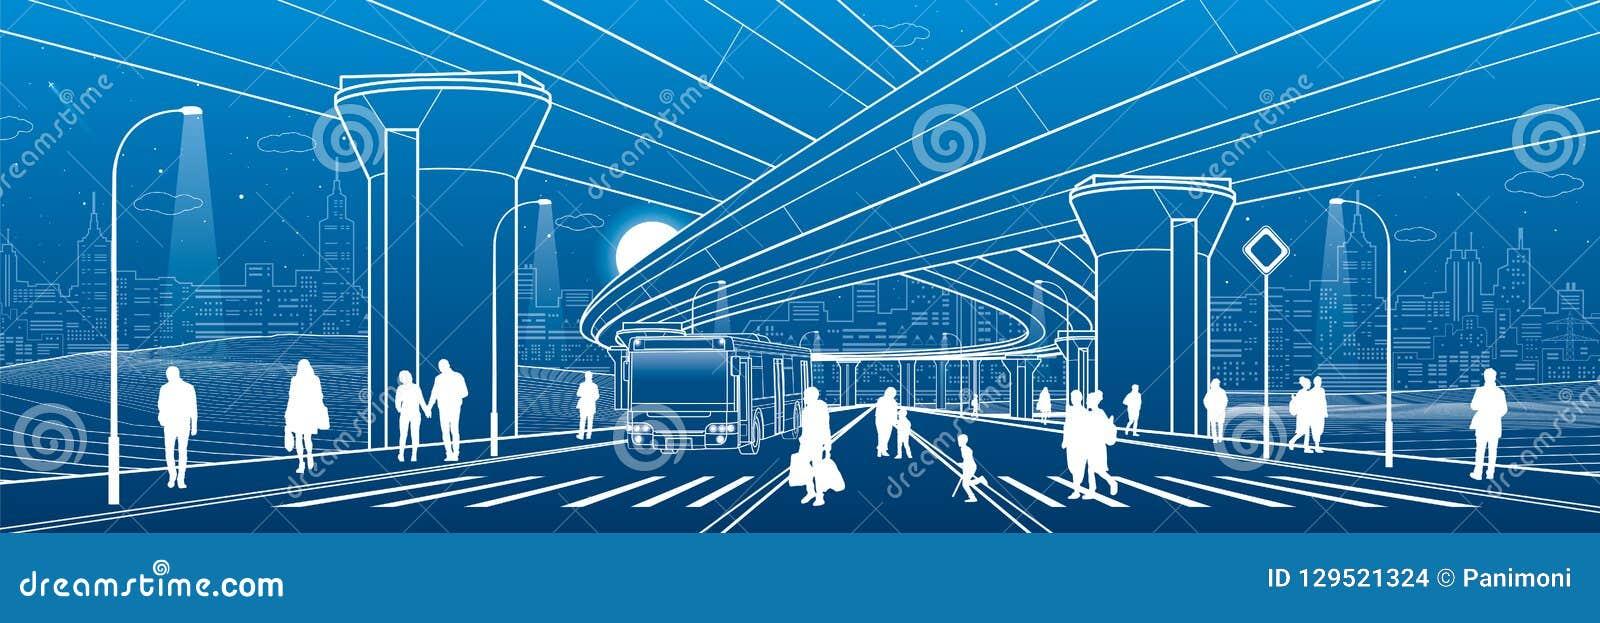 De architectuur van de stad Infrastructuurillustratie, vervoerviaduct, grote brug, stedelijke scène Busbeweging Mensen die bij st